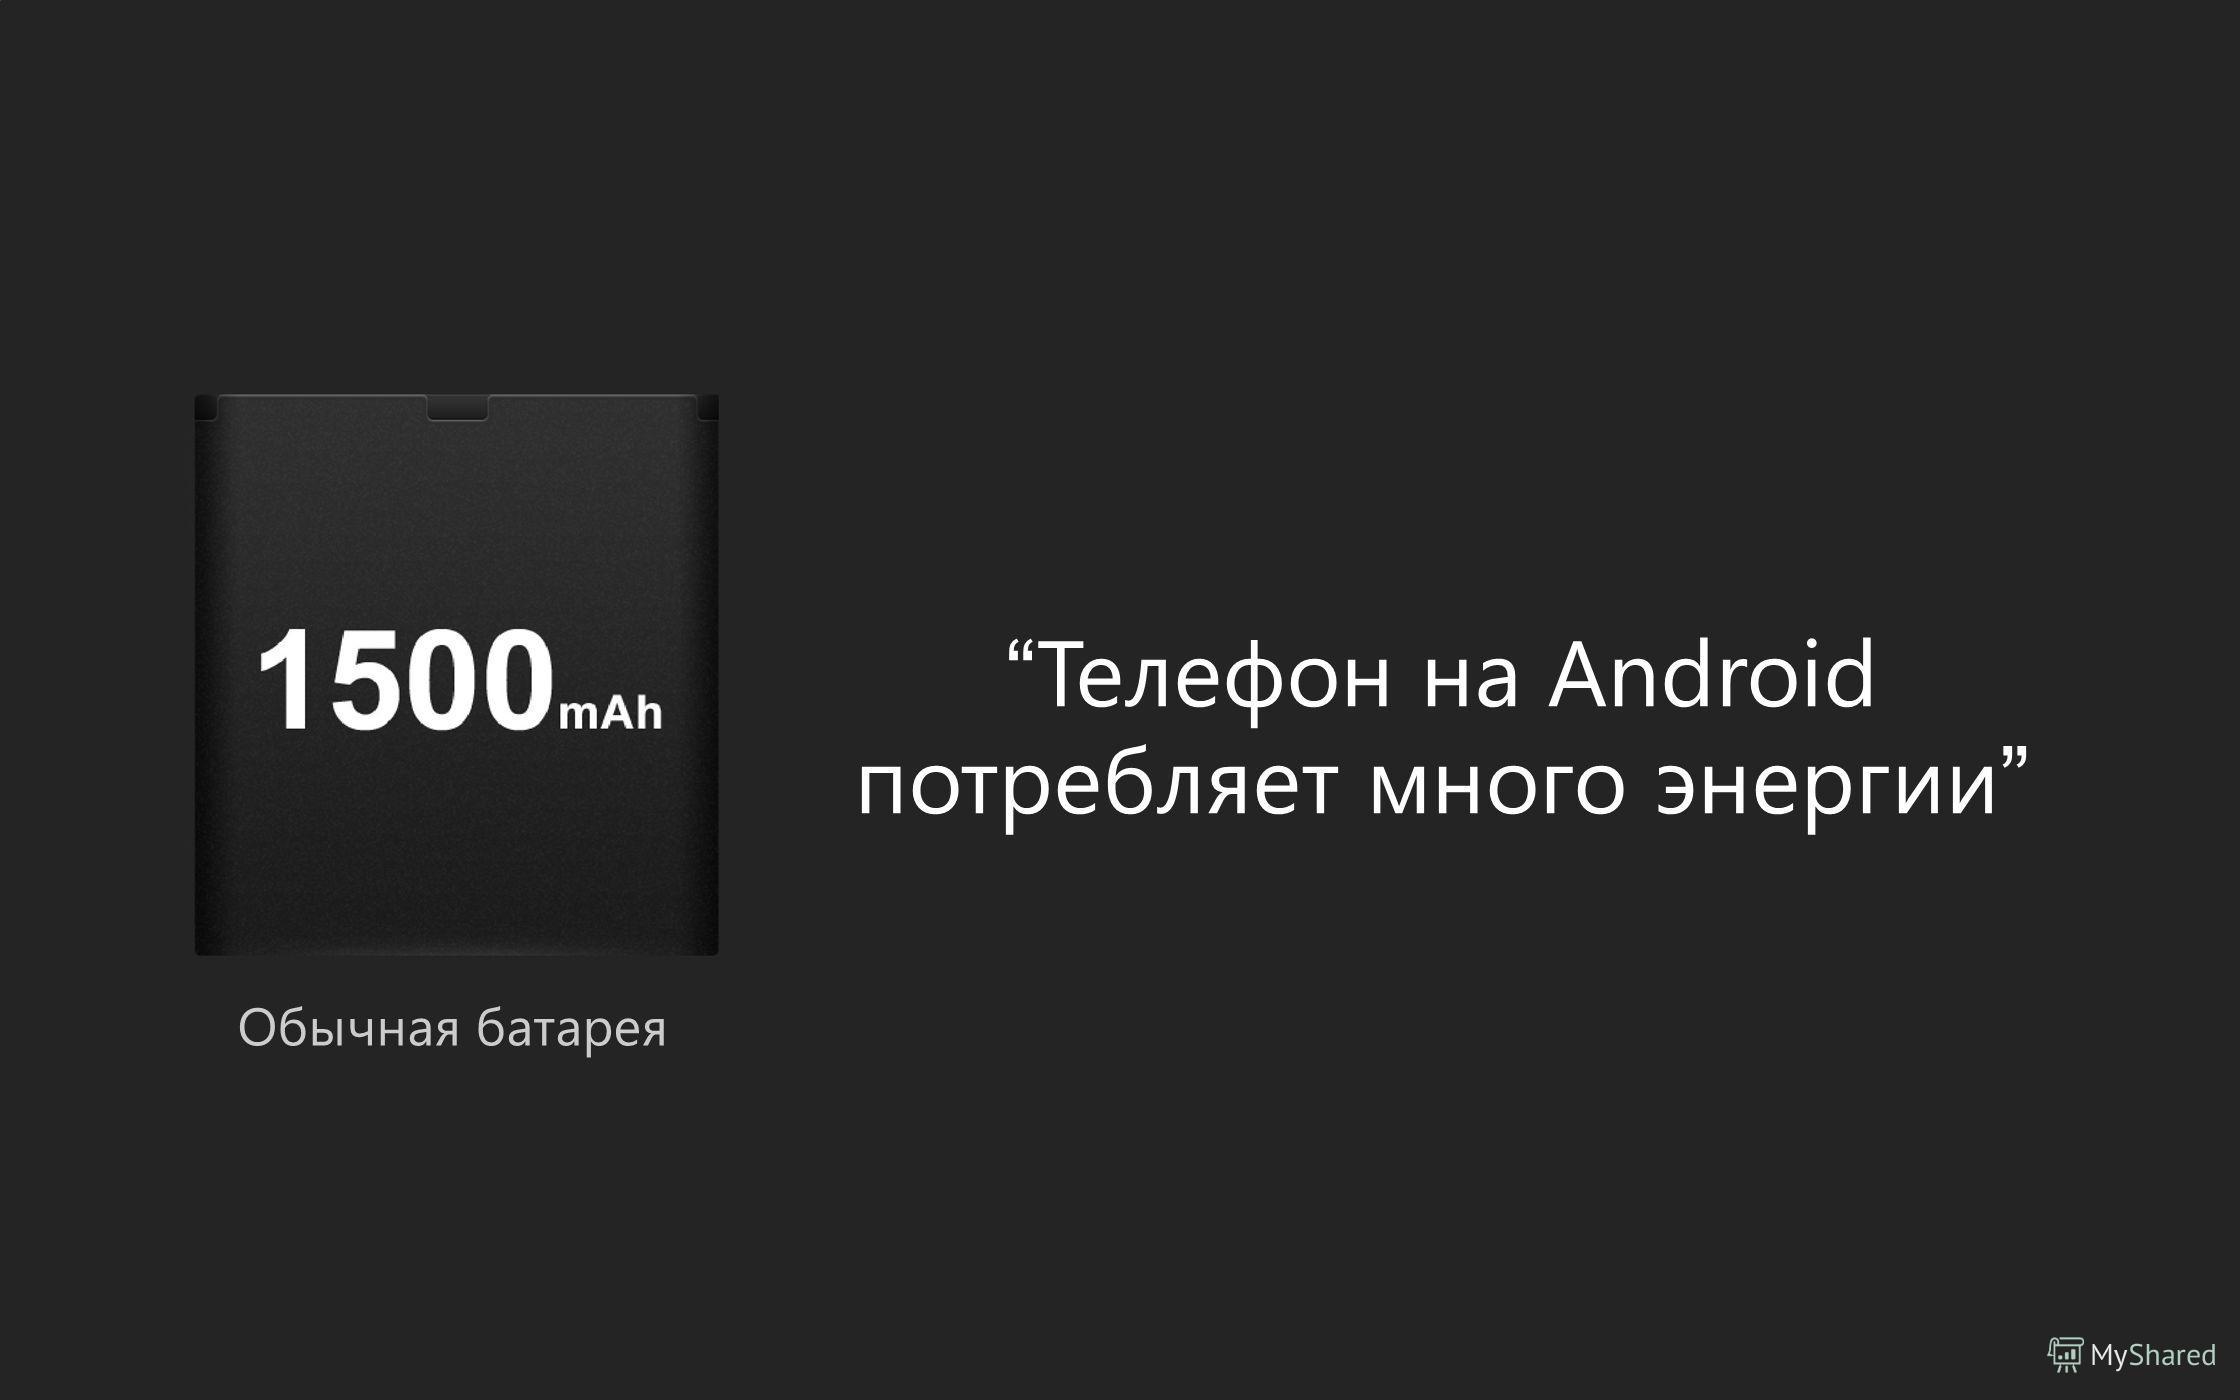 Телефон на Android потребляет много энергии Обычная батарея